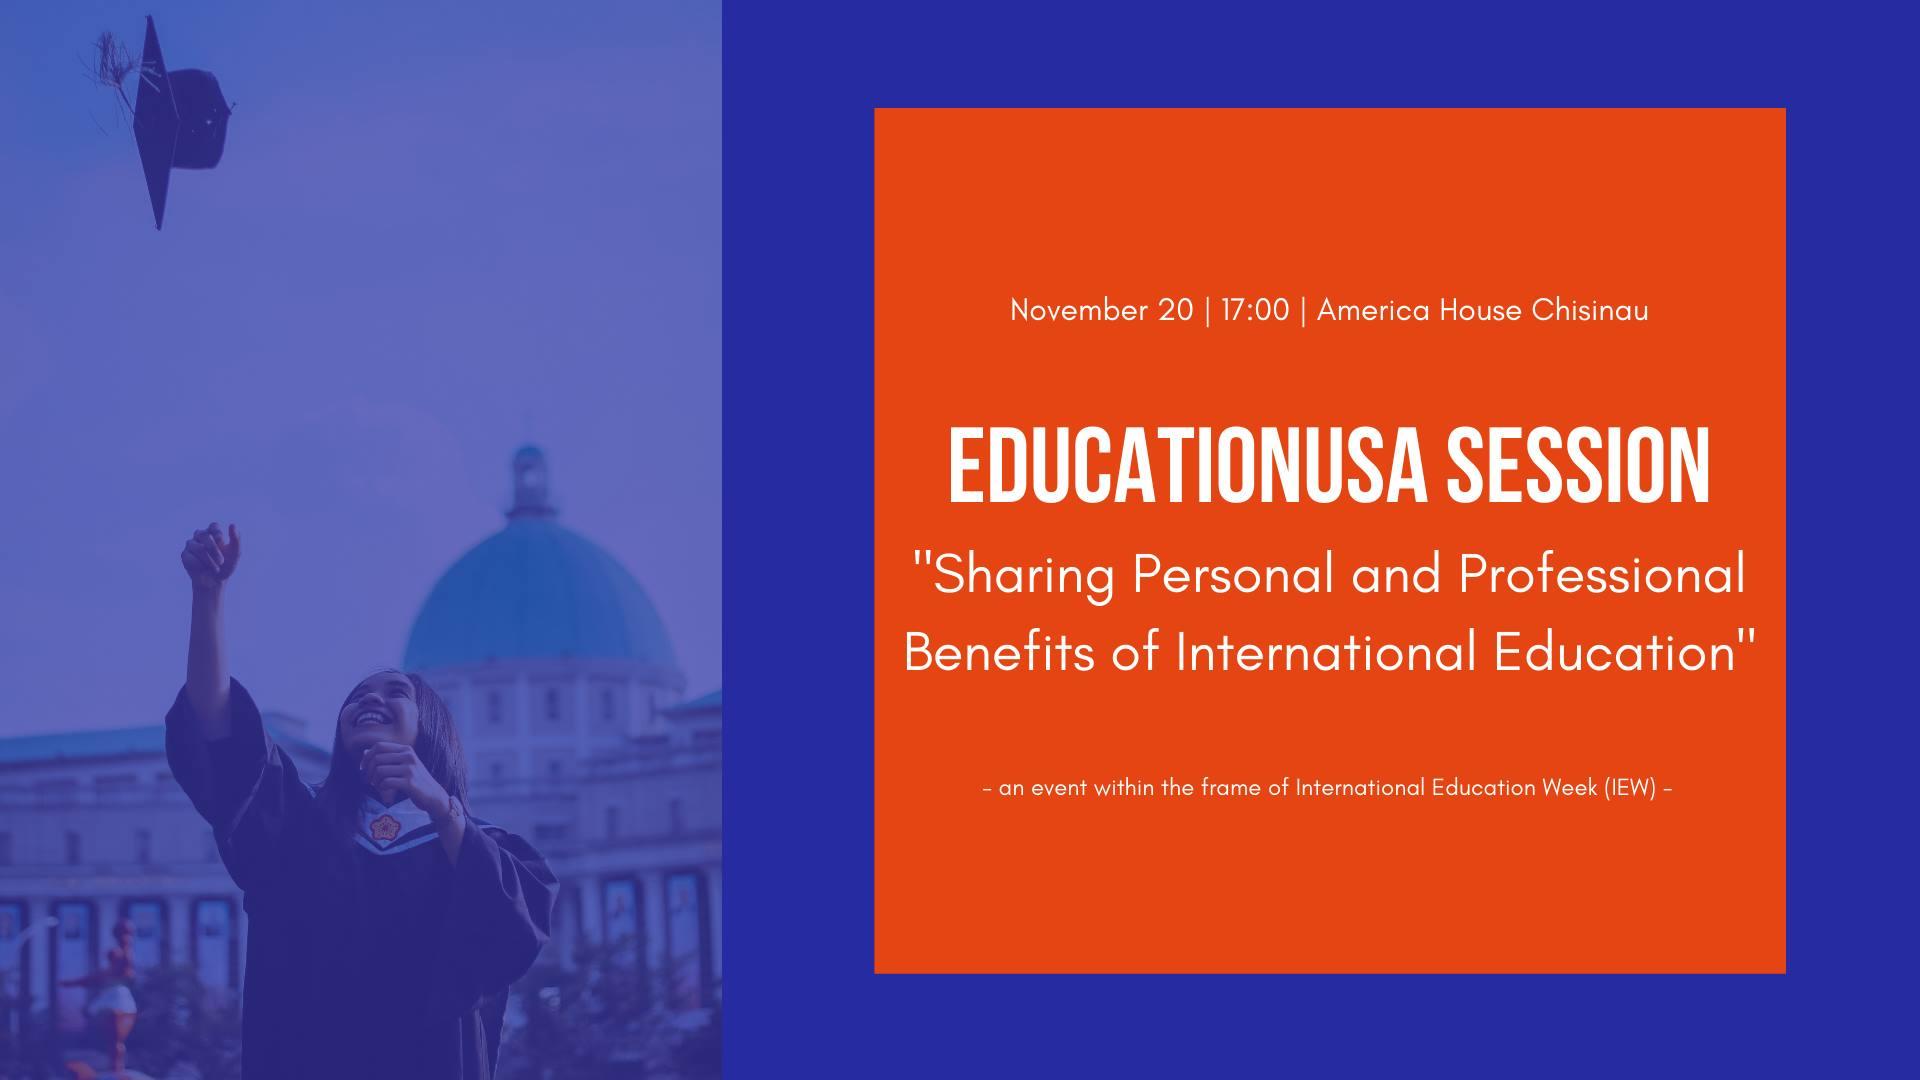 Eveniment gratuit pentru tineri, curs public în Chișinău, eduatie internationala